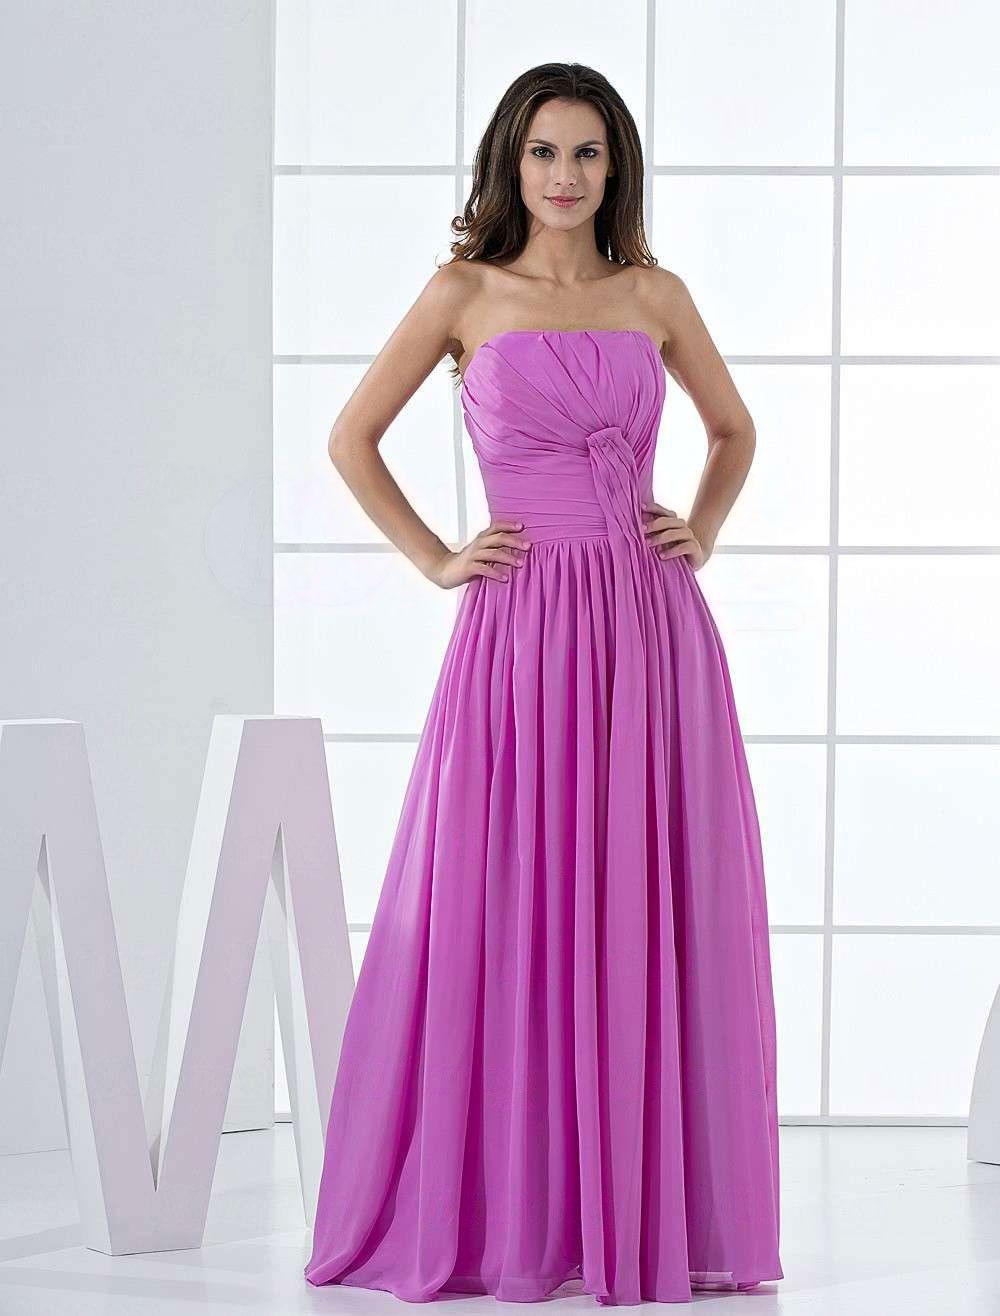 Bonito Alquiler De Vestido De Novia Londres Motivo - Colección del ...